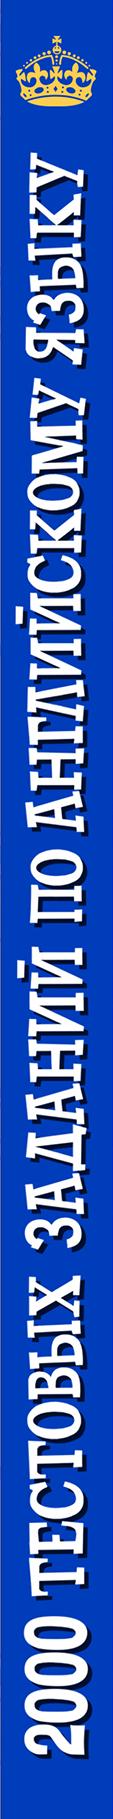 2000 тестовых заданий по английскому языку для подготовки к ЕГЭ, вступительным экзаменам и экзаменам международного формата